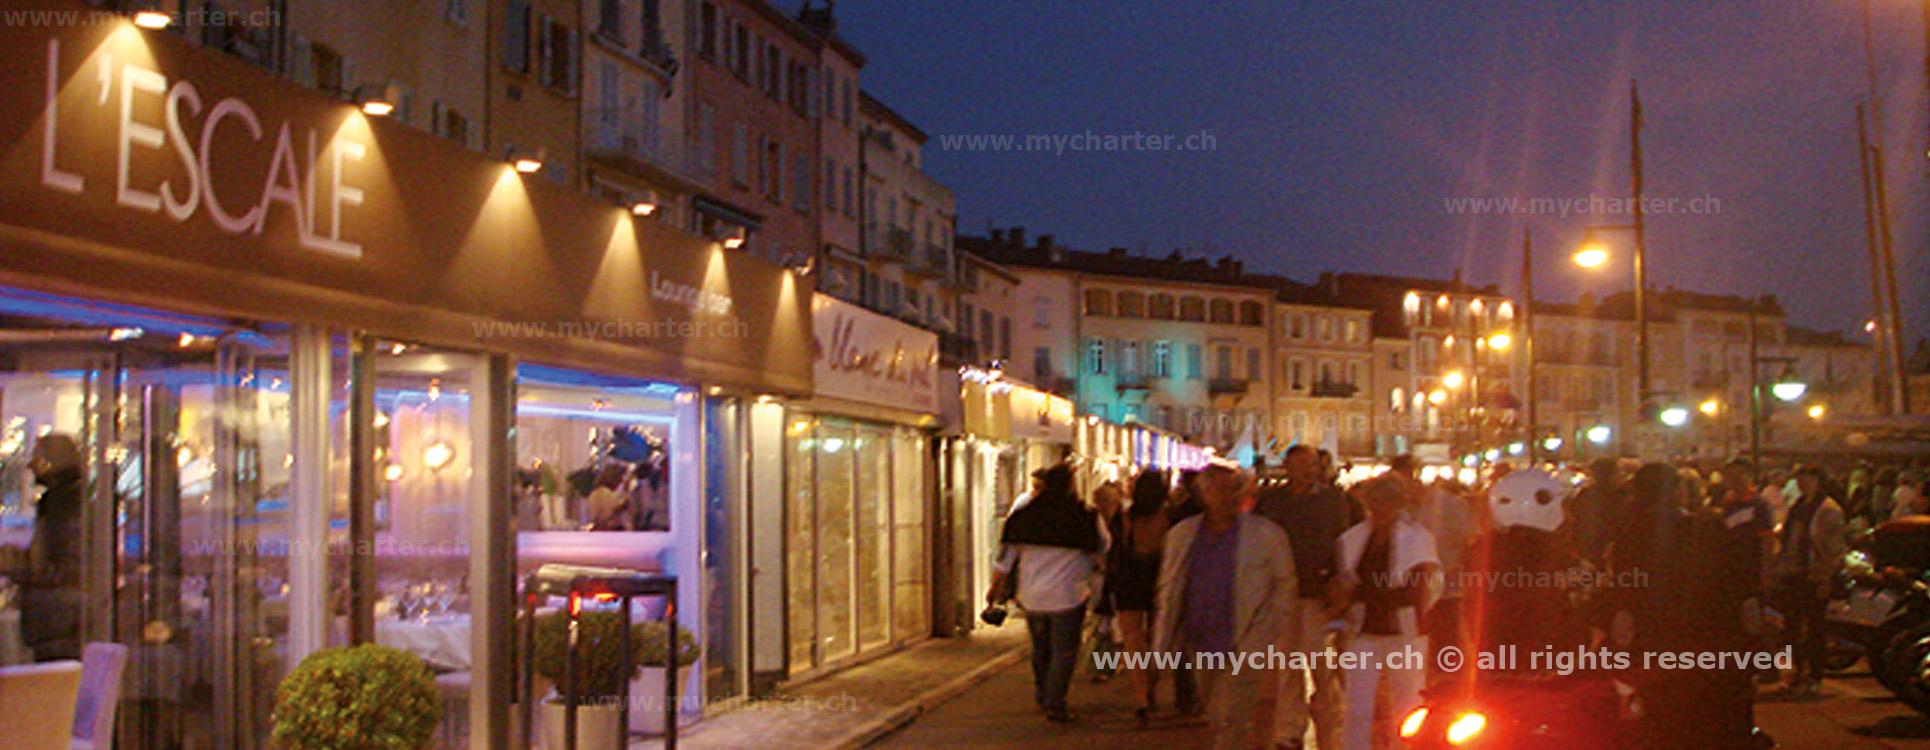 Côte d'Azur - St Tropez